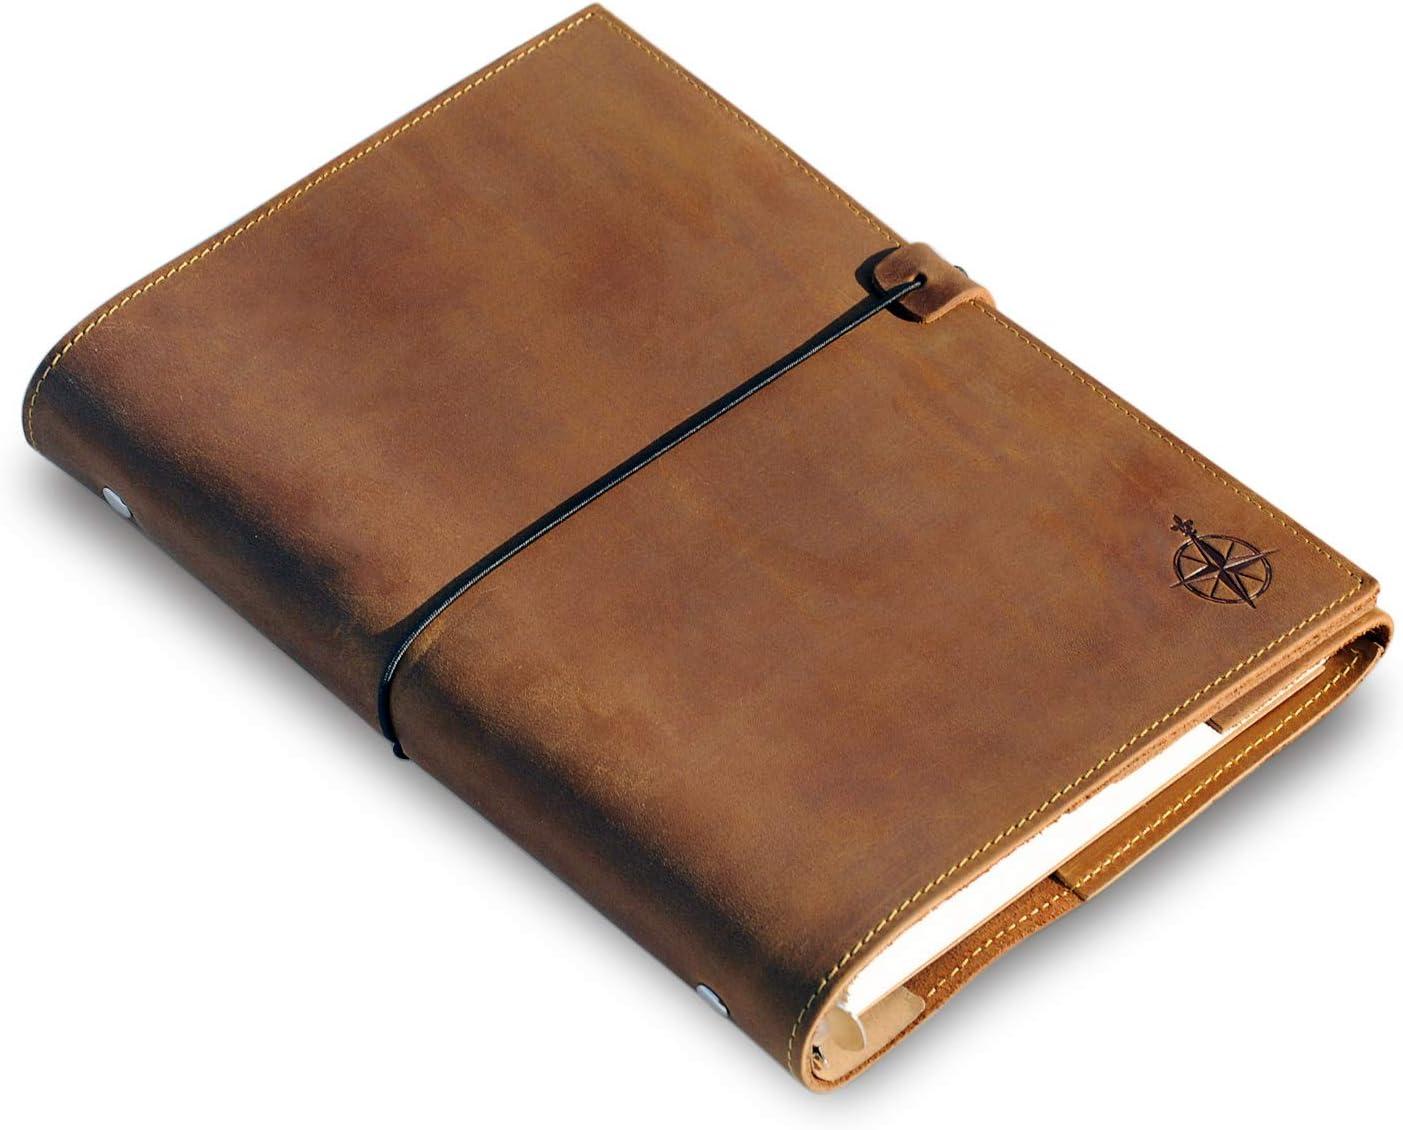 Cuaderno de Cuero A5 - Organizador De Carpeta De 6 Anillos Con Bolsillos - Folio De Cuero Genuino Hecho A Mano - Para Escritores, Planificadores, Viajeros. Hojas Sueltas | Diario de Cuero - 22x15cm